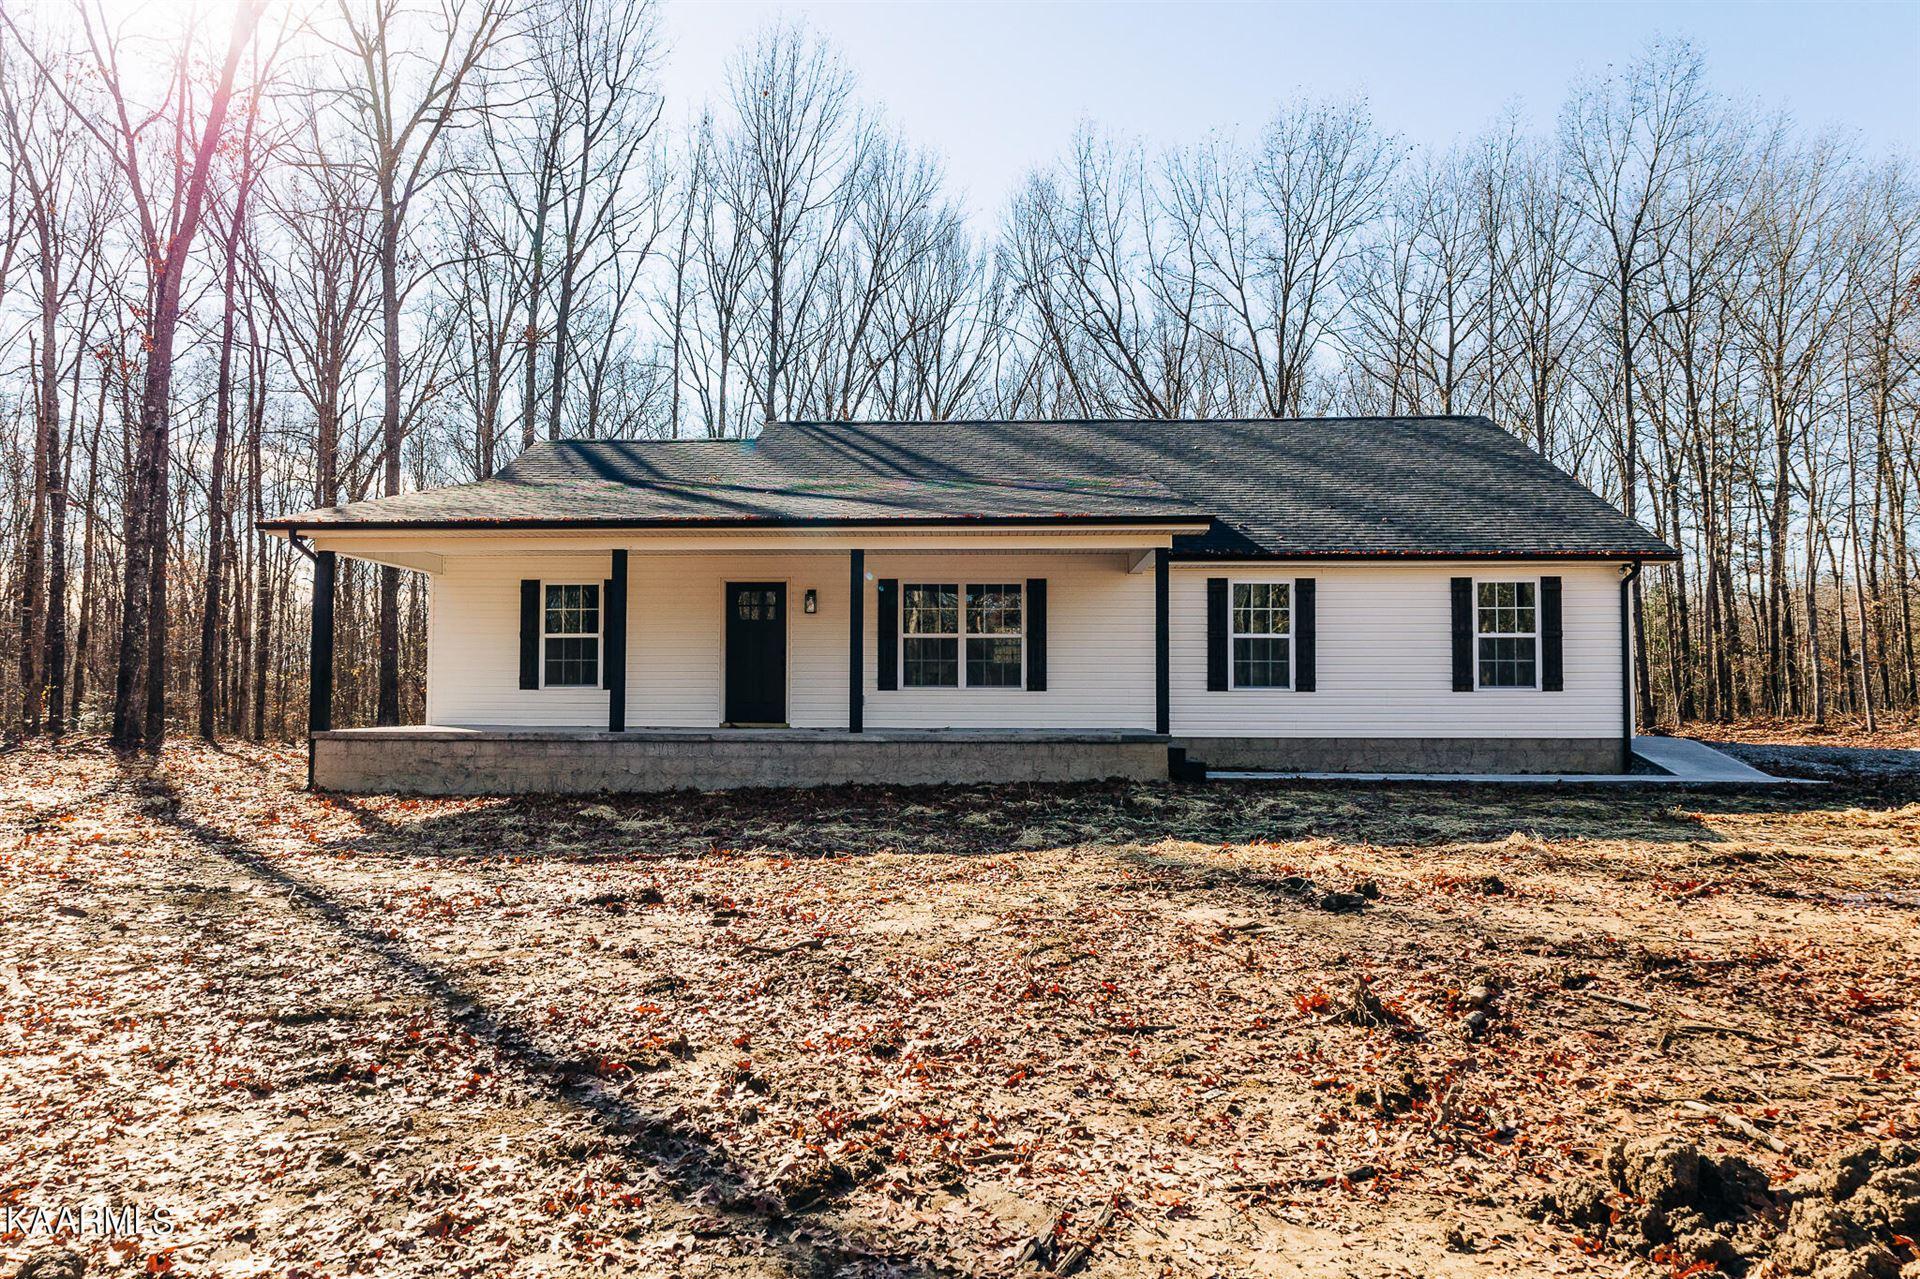 Photo of 81 James George Road Rd, Jamestown, TN 38556 (MLS # 1156933)